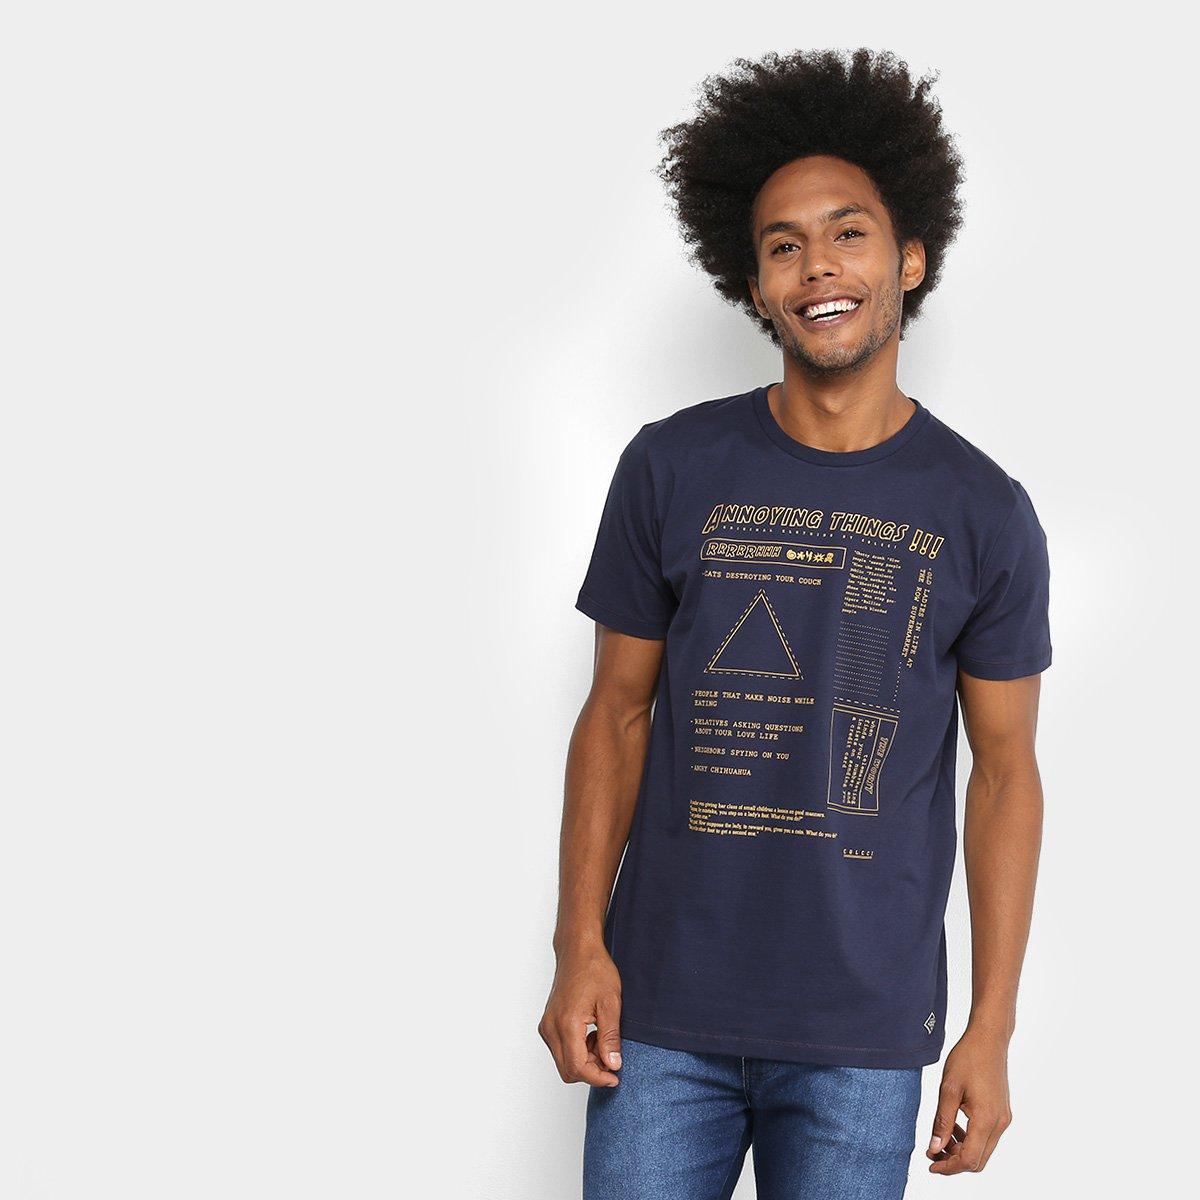 5a71b9ee9a Camiseta Manga Curta Colcci Estampada Masculina. undefined